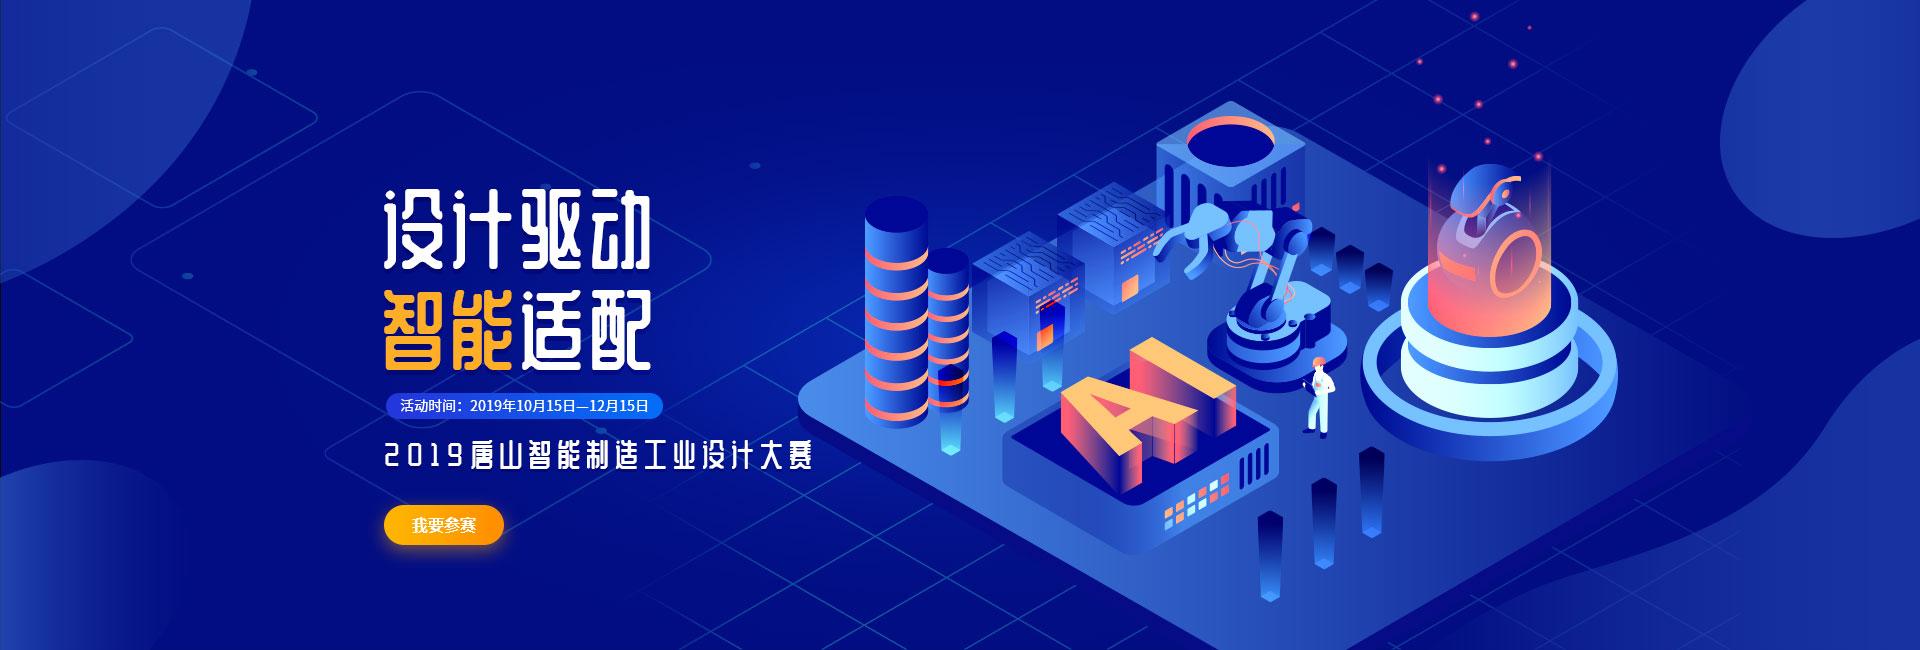 2019年中國(唐山)智能製造工業設計大賽